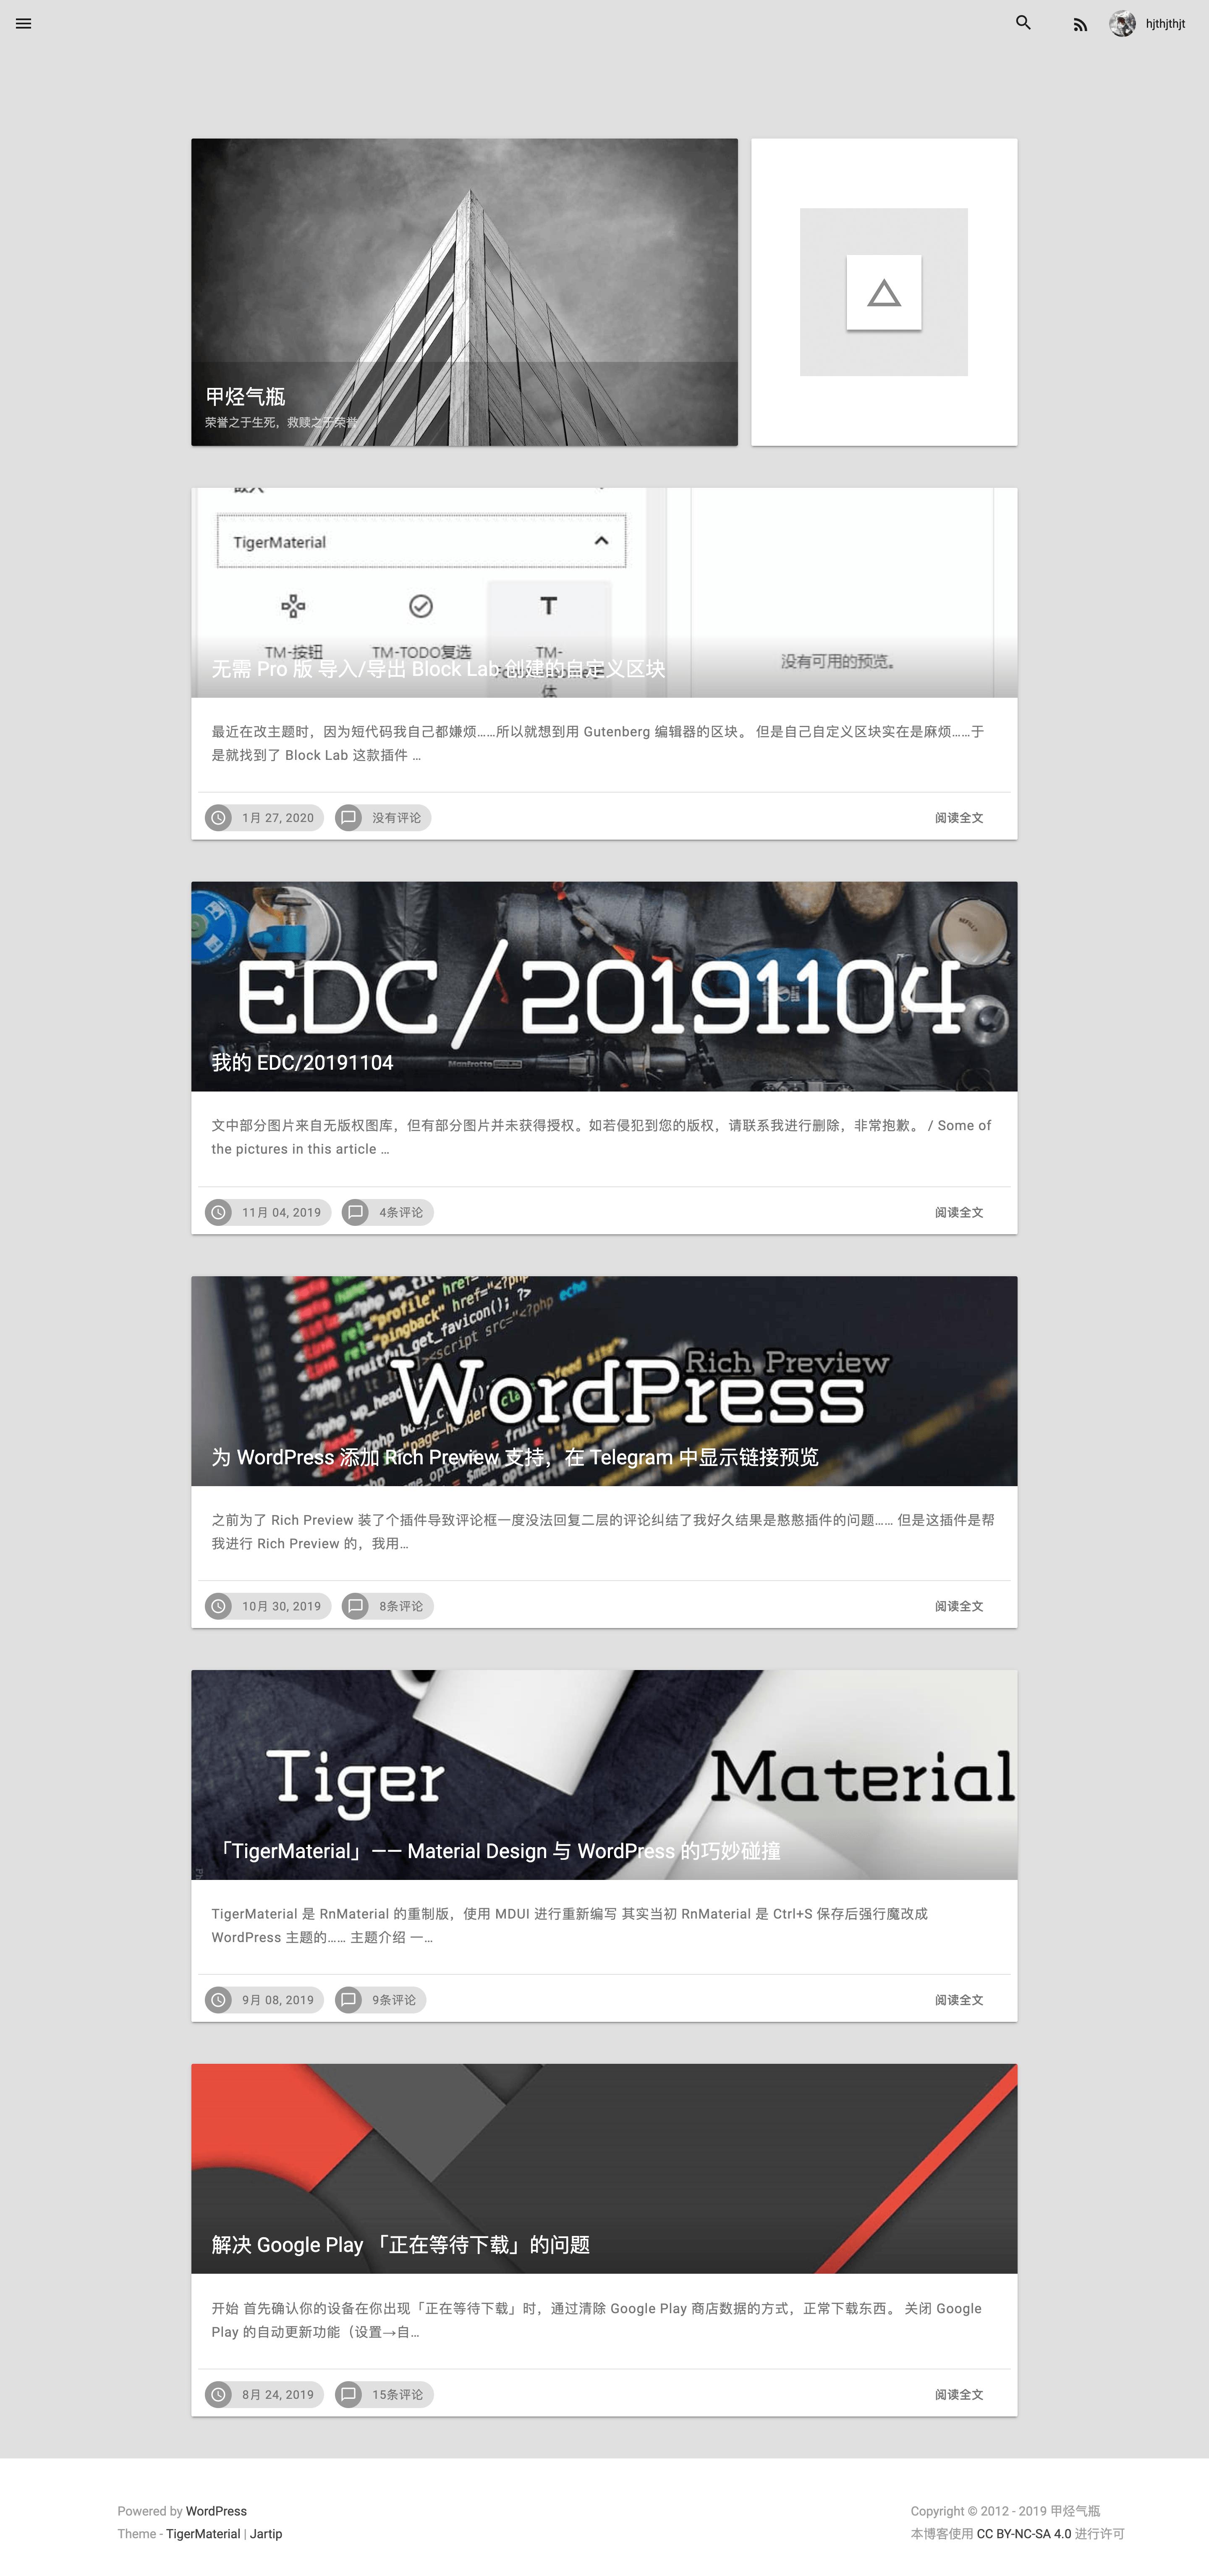 TigerMaterial - Material Design 与 WordPress 的巧妙碰撞-WP酷